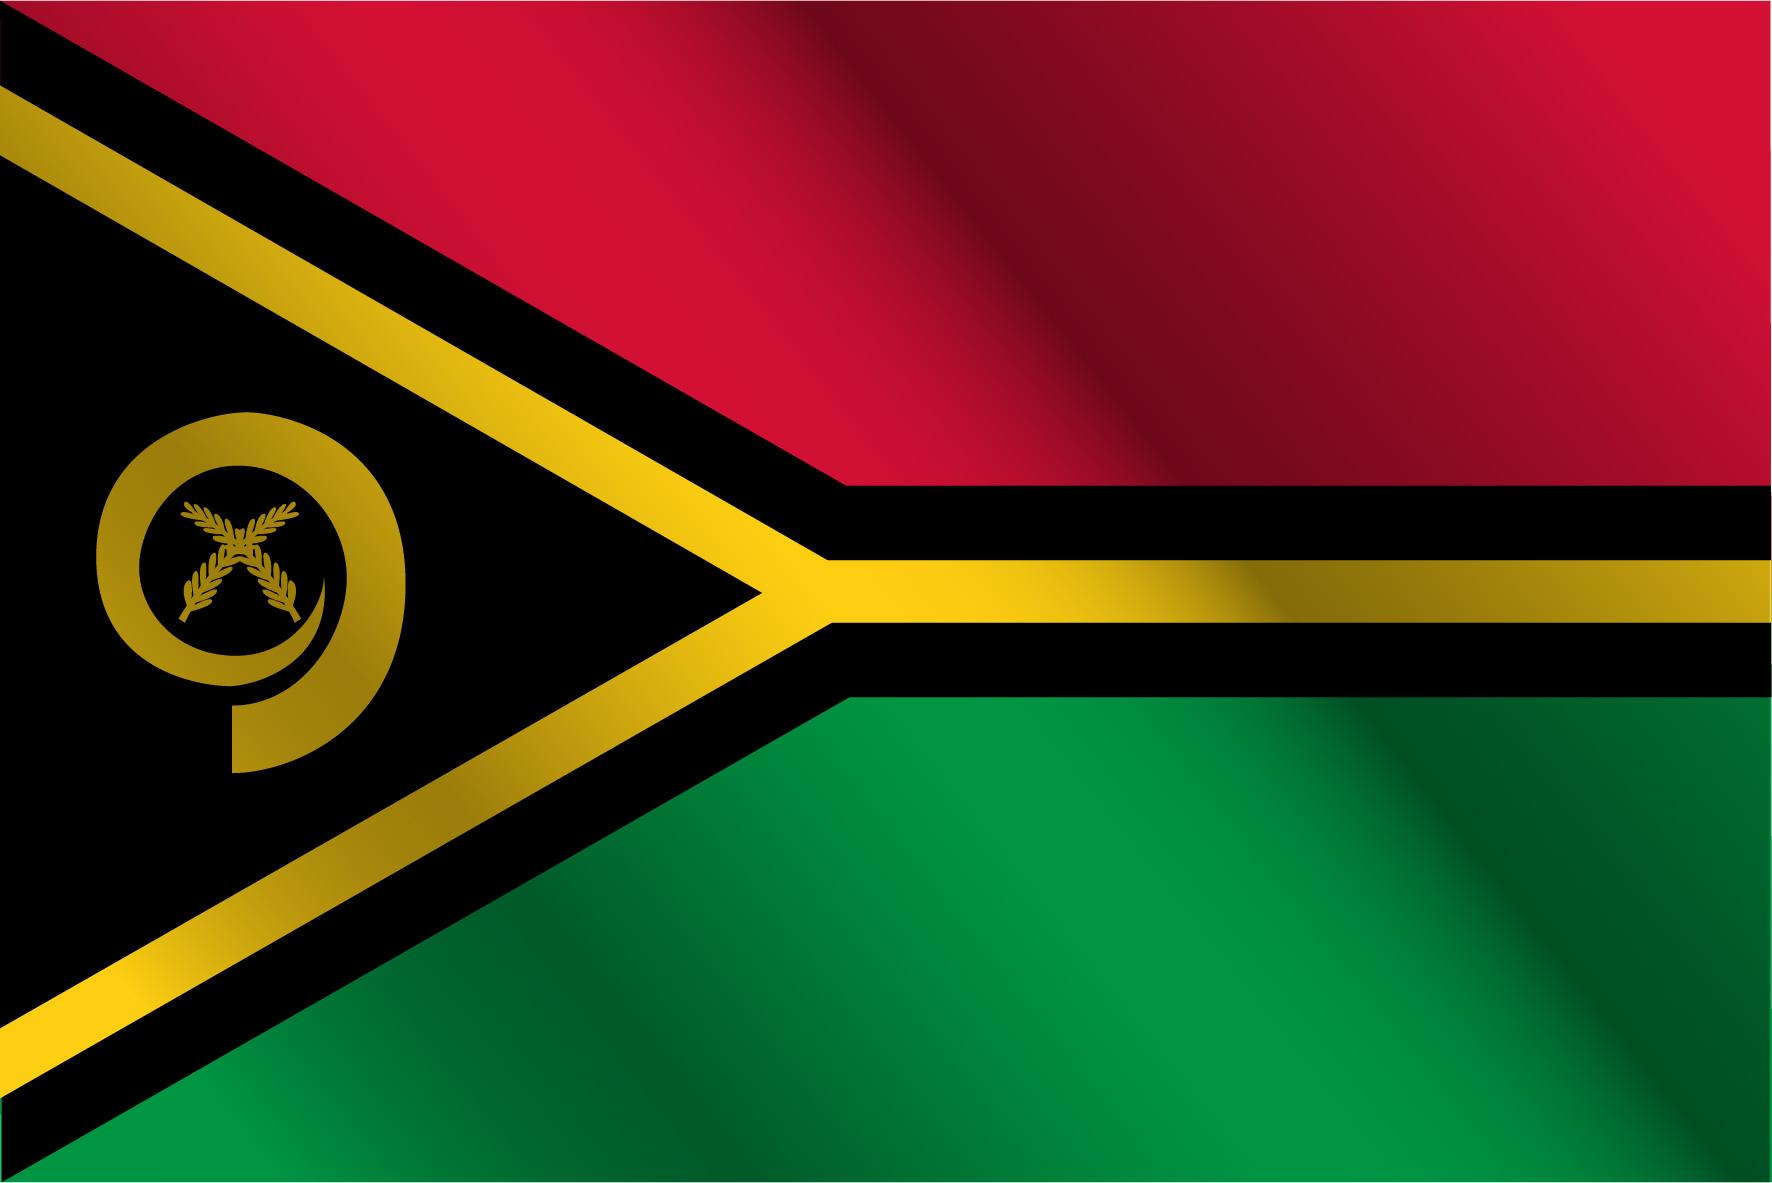 Banderas singulares de estados soberanos | Blog de Banderas VDK